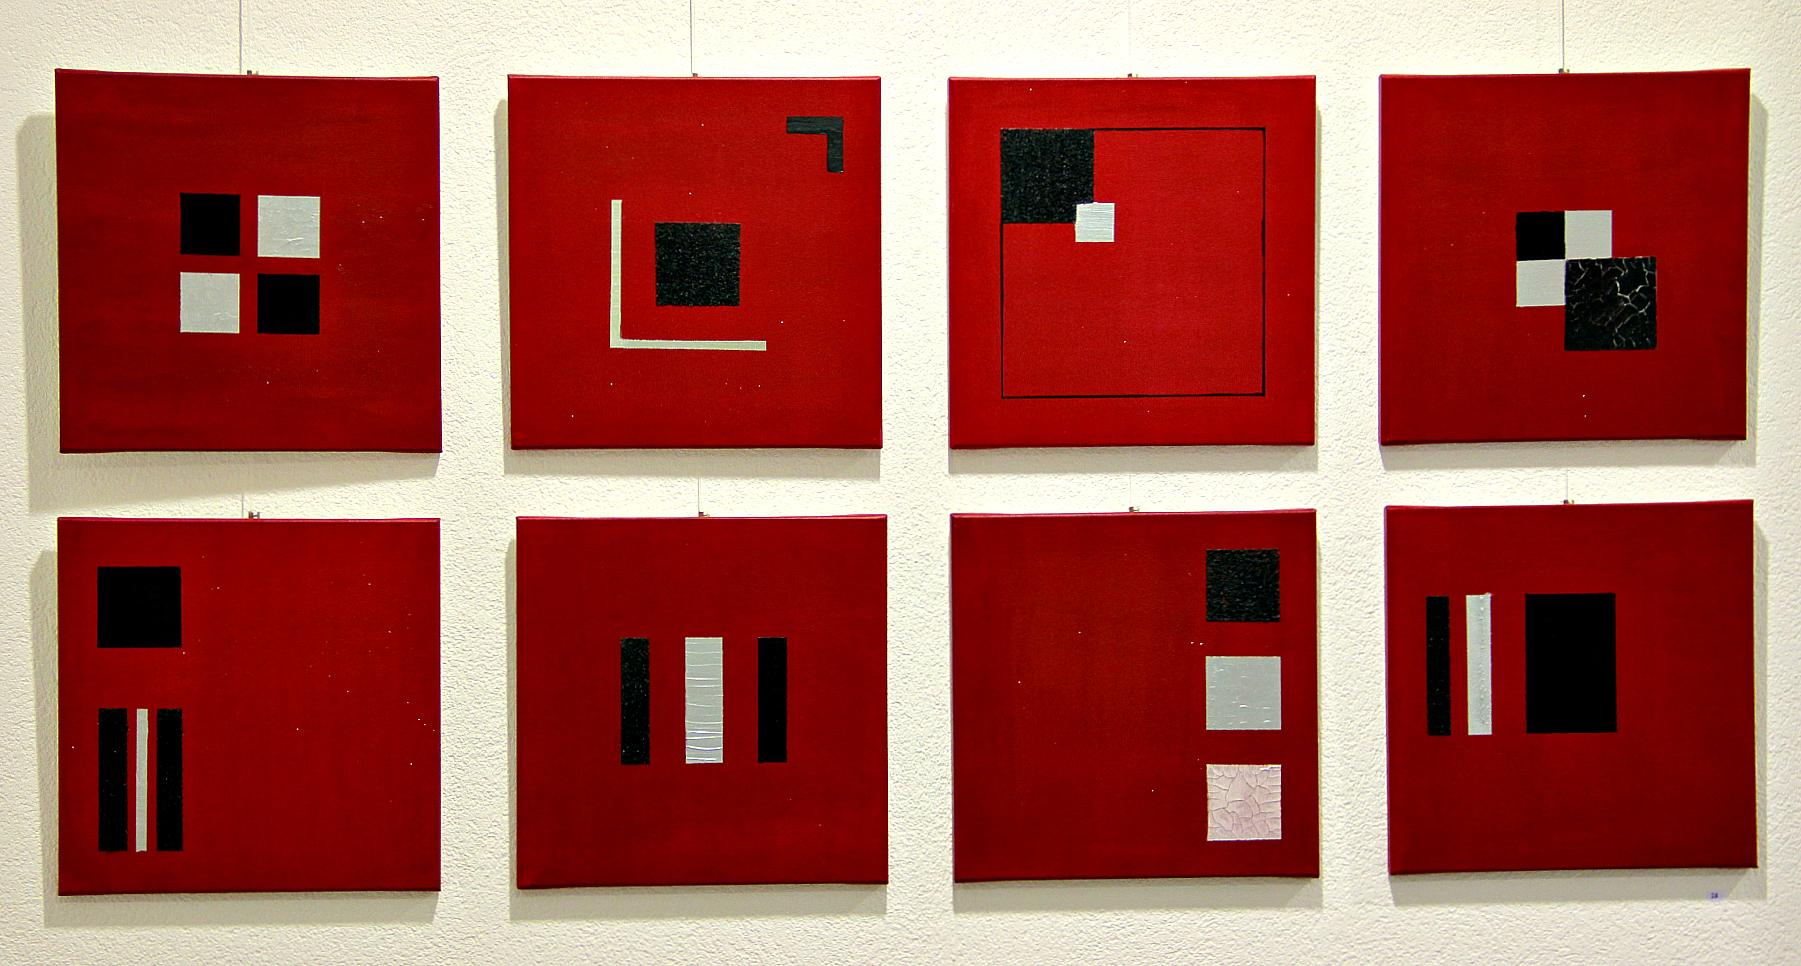 Bilder rot-schwarz/40x40/pro stück sfr 85 ab 3 stück auf anfrage